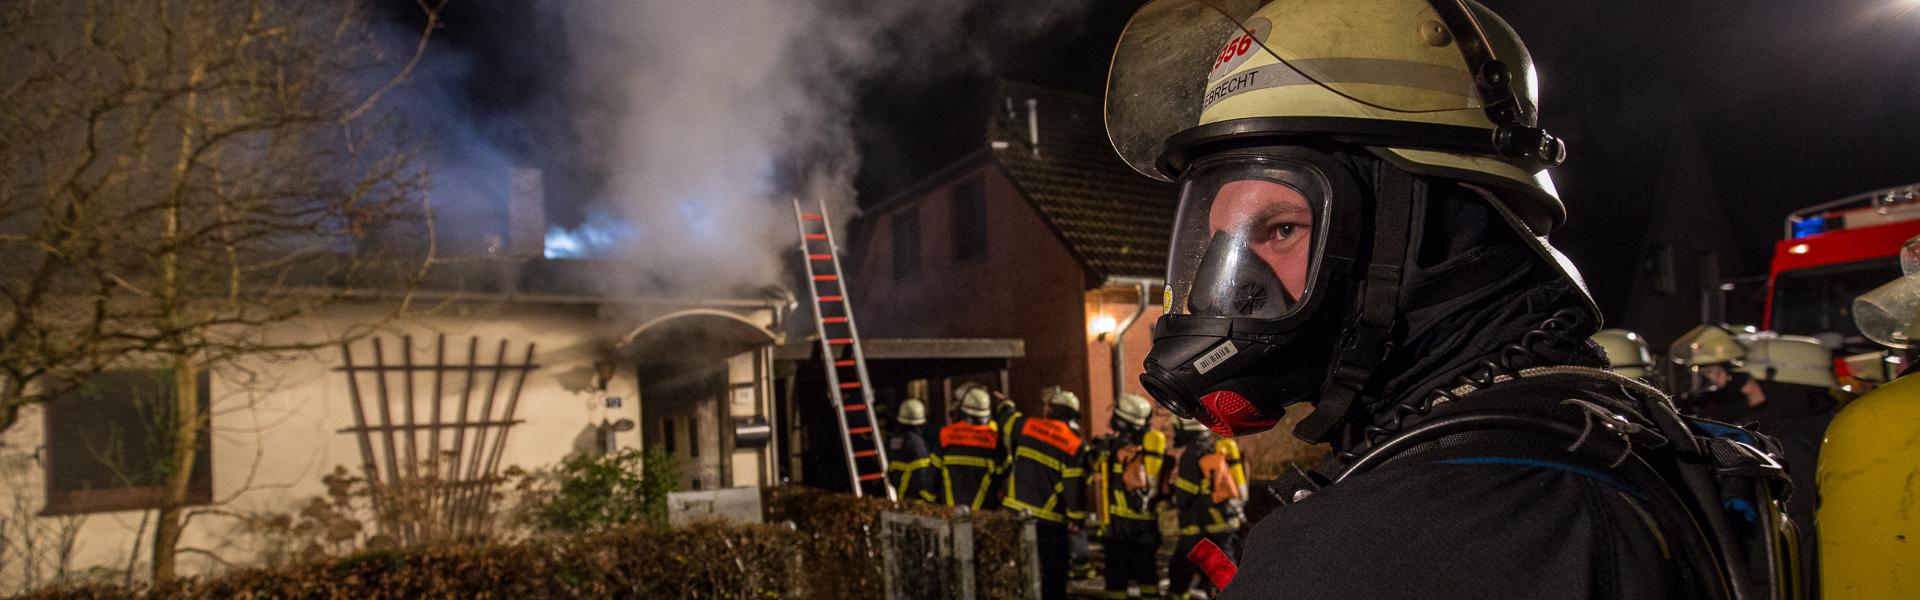 15.01.2020 – Feuer in Langenhorner Bungalow